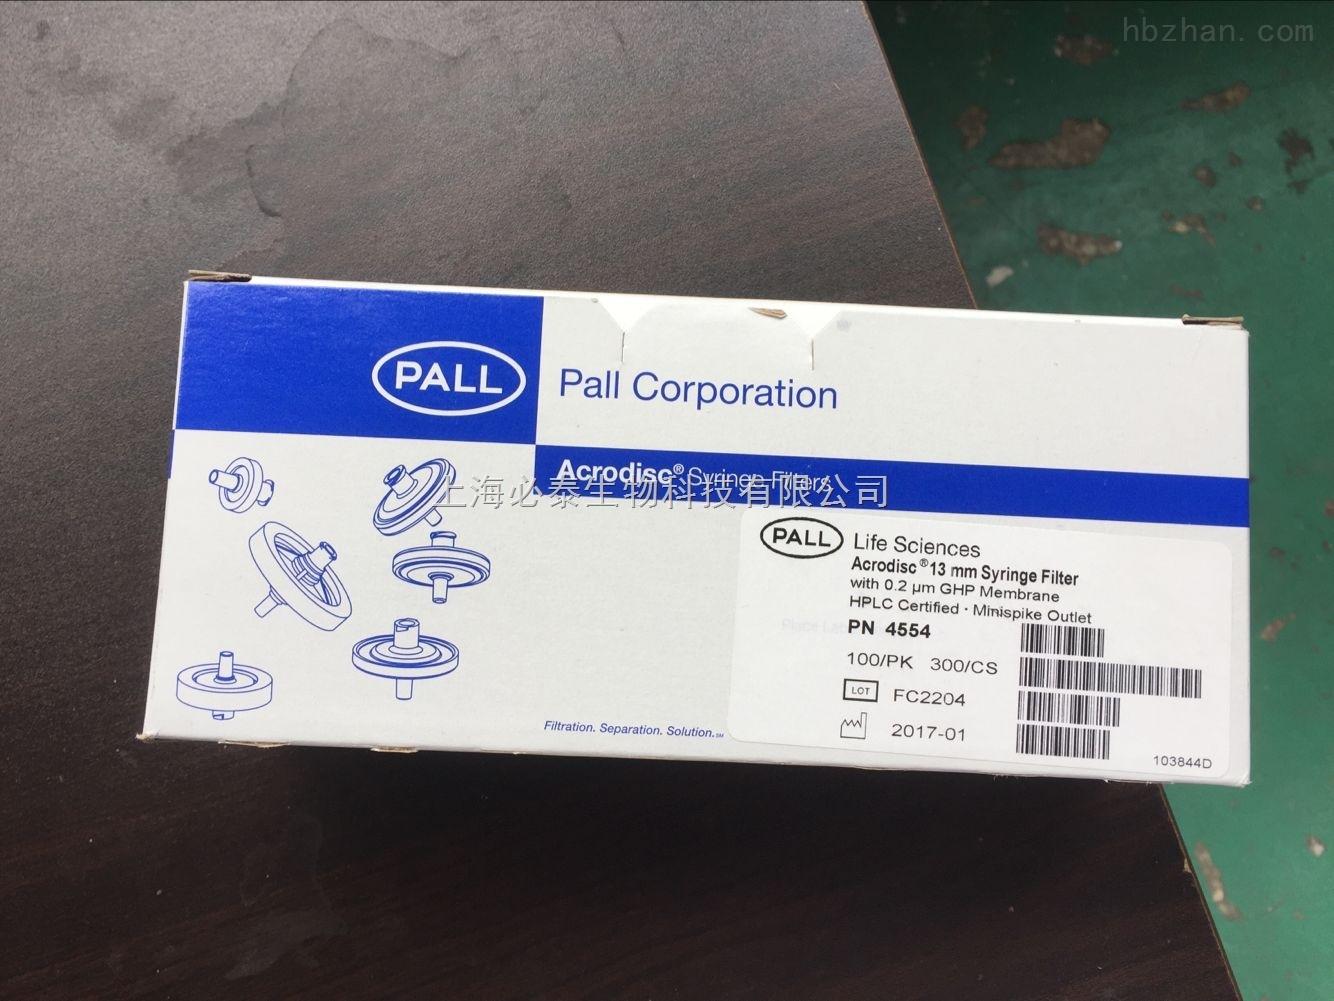 pall 针头式过滤器13mm0.2um GHP膜滤头